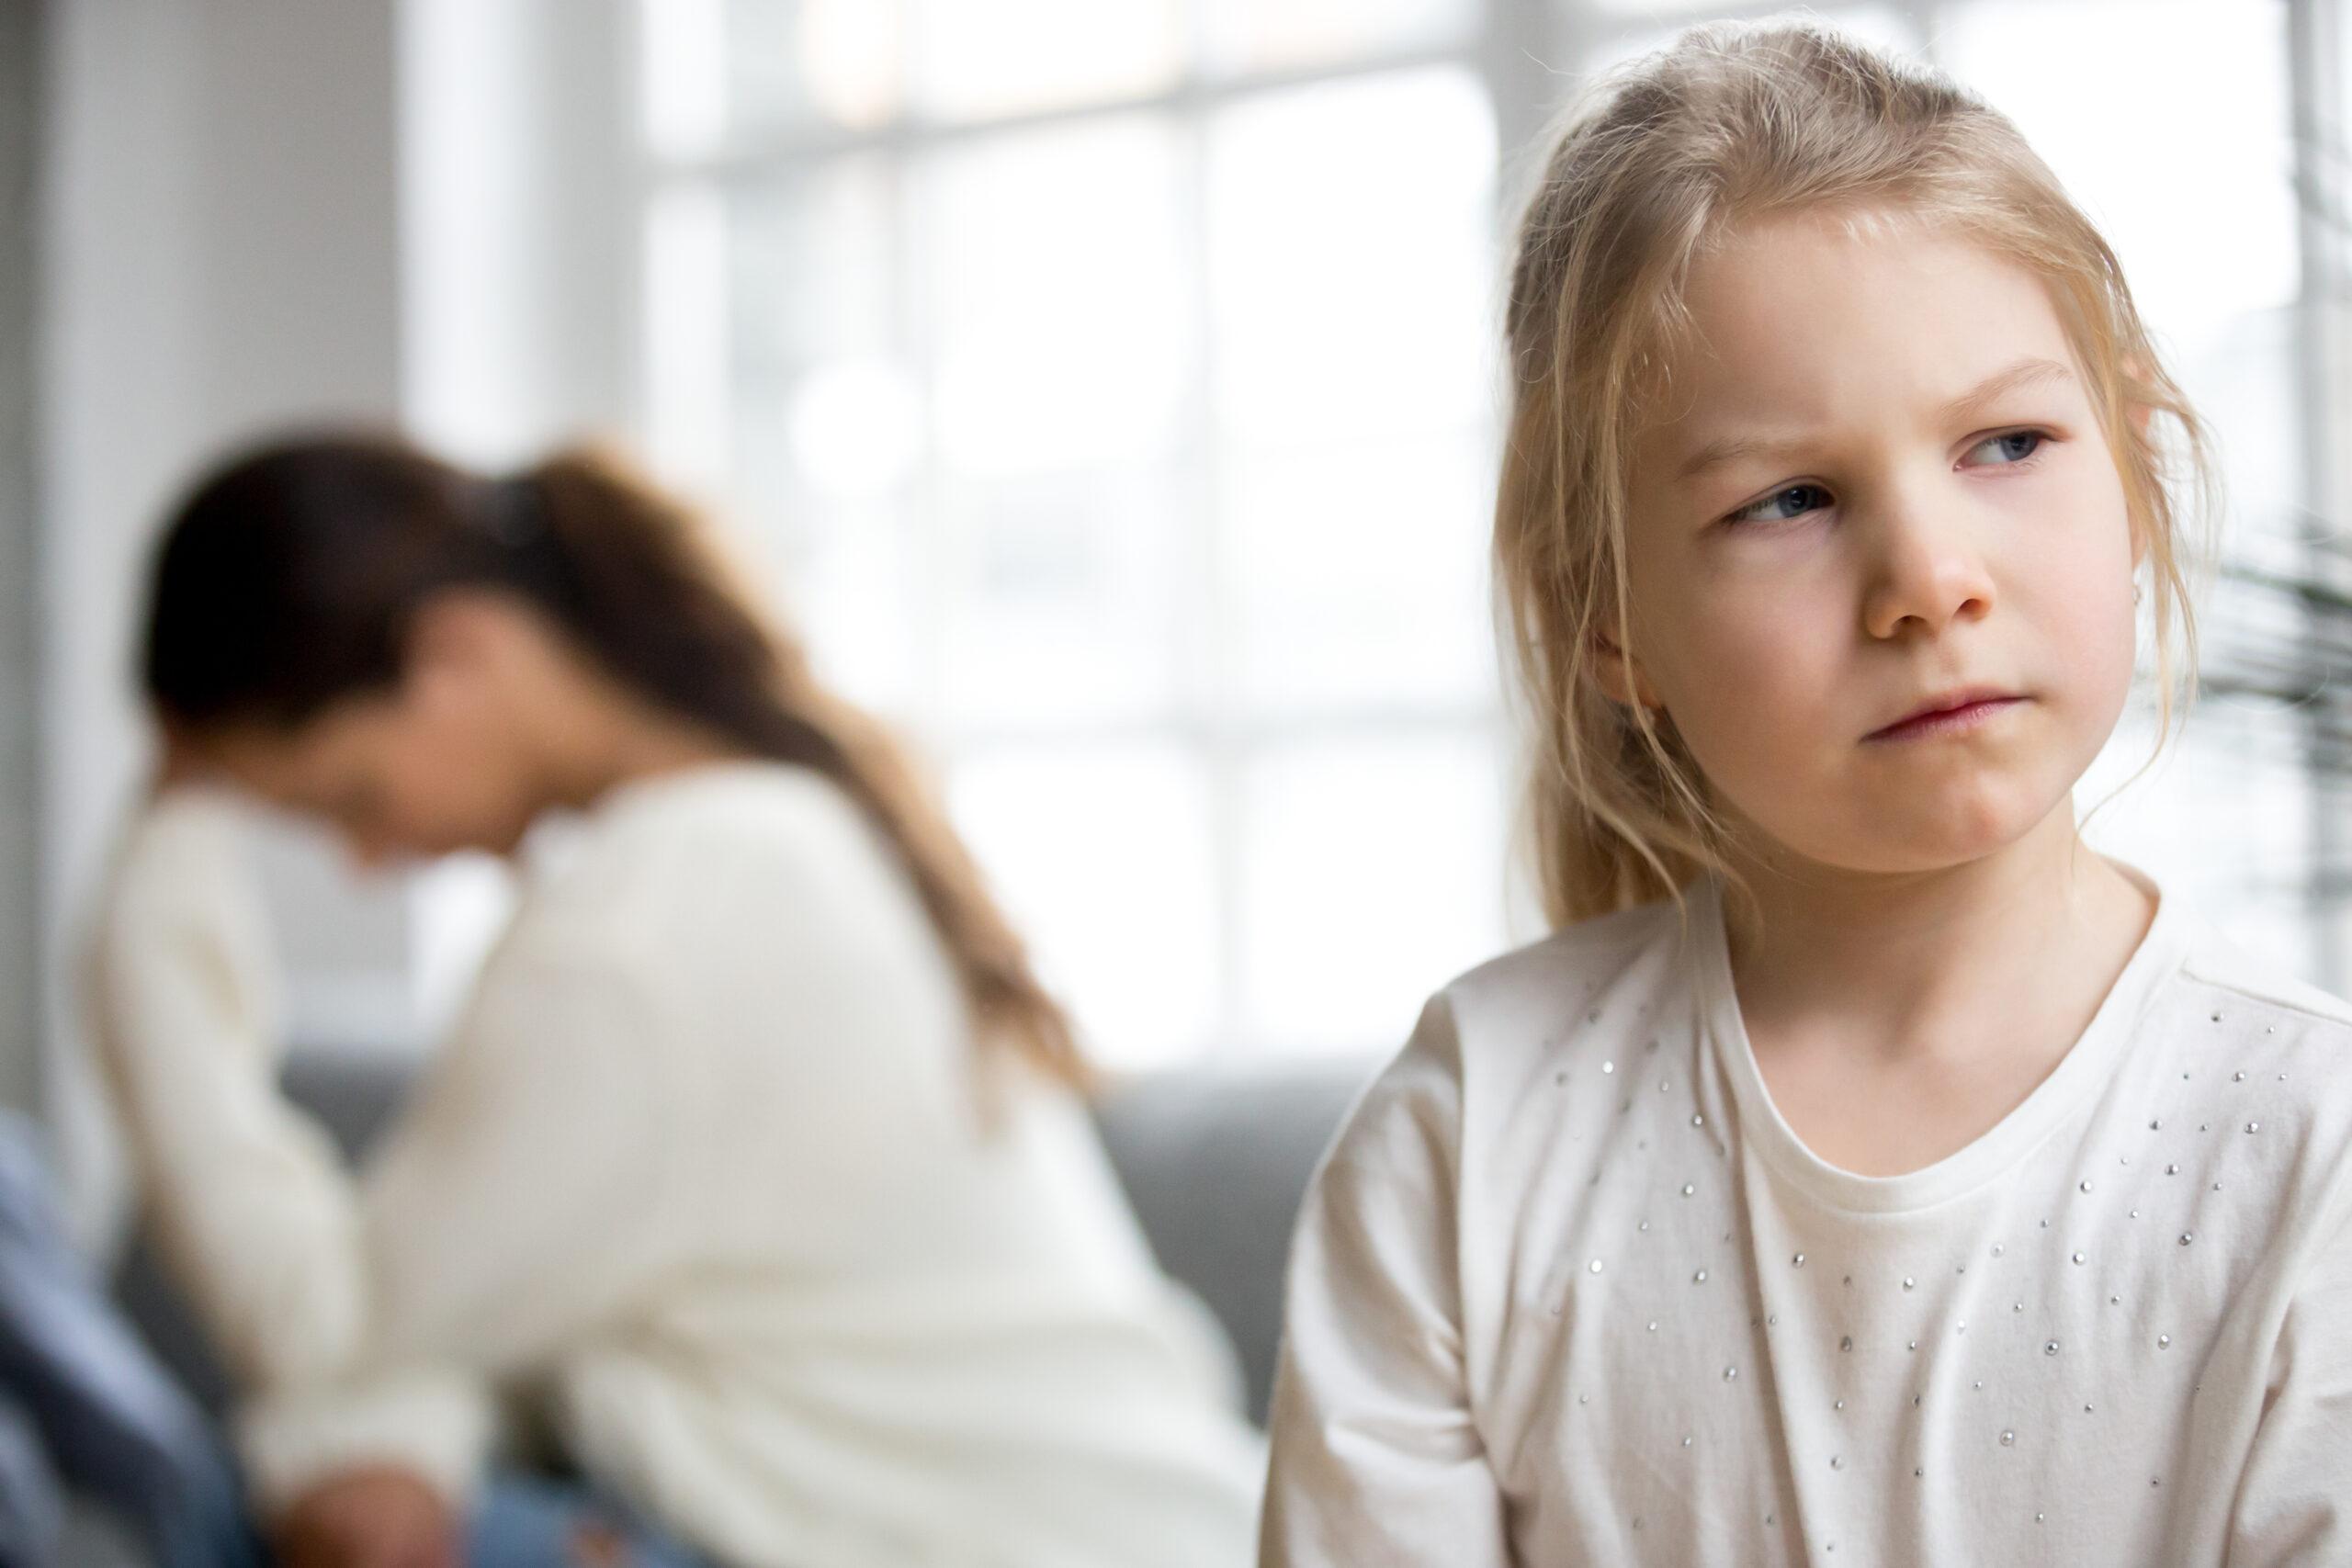 すぐ拗ねる子どもだった私が伝えたい 親に拗ねる子どもの心理